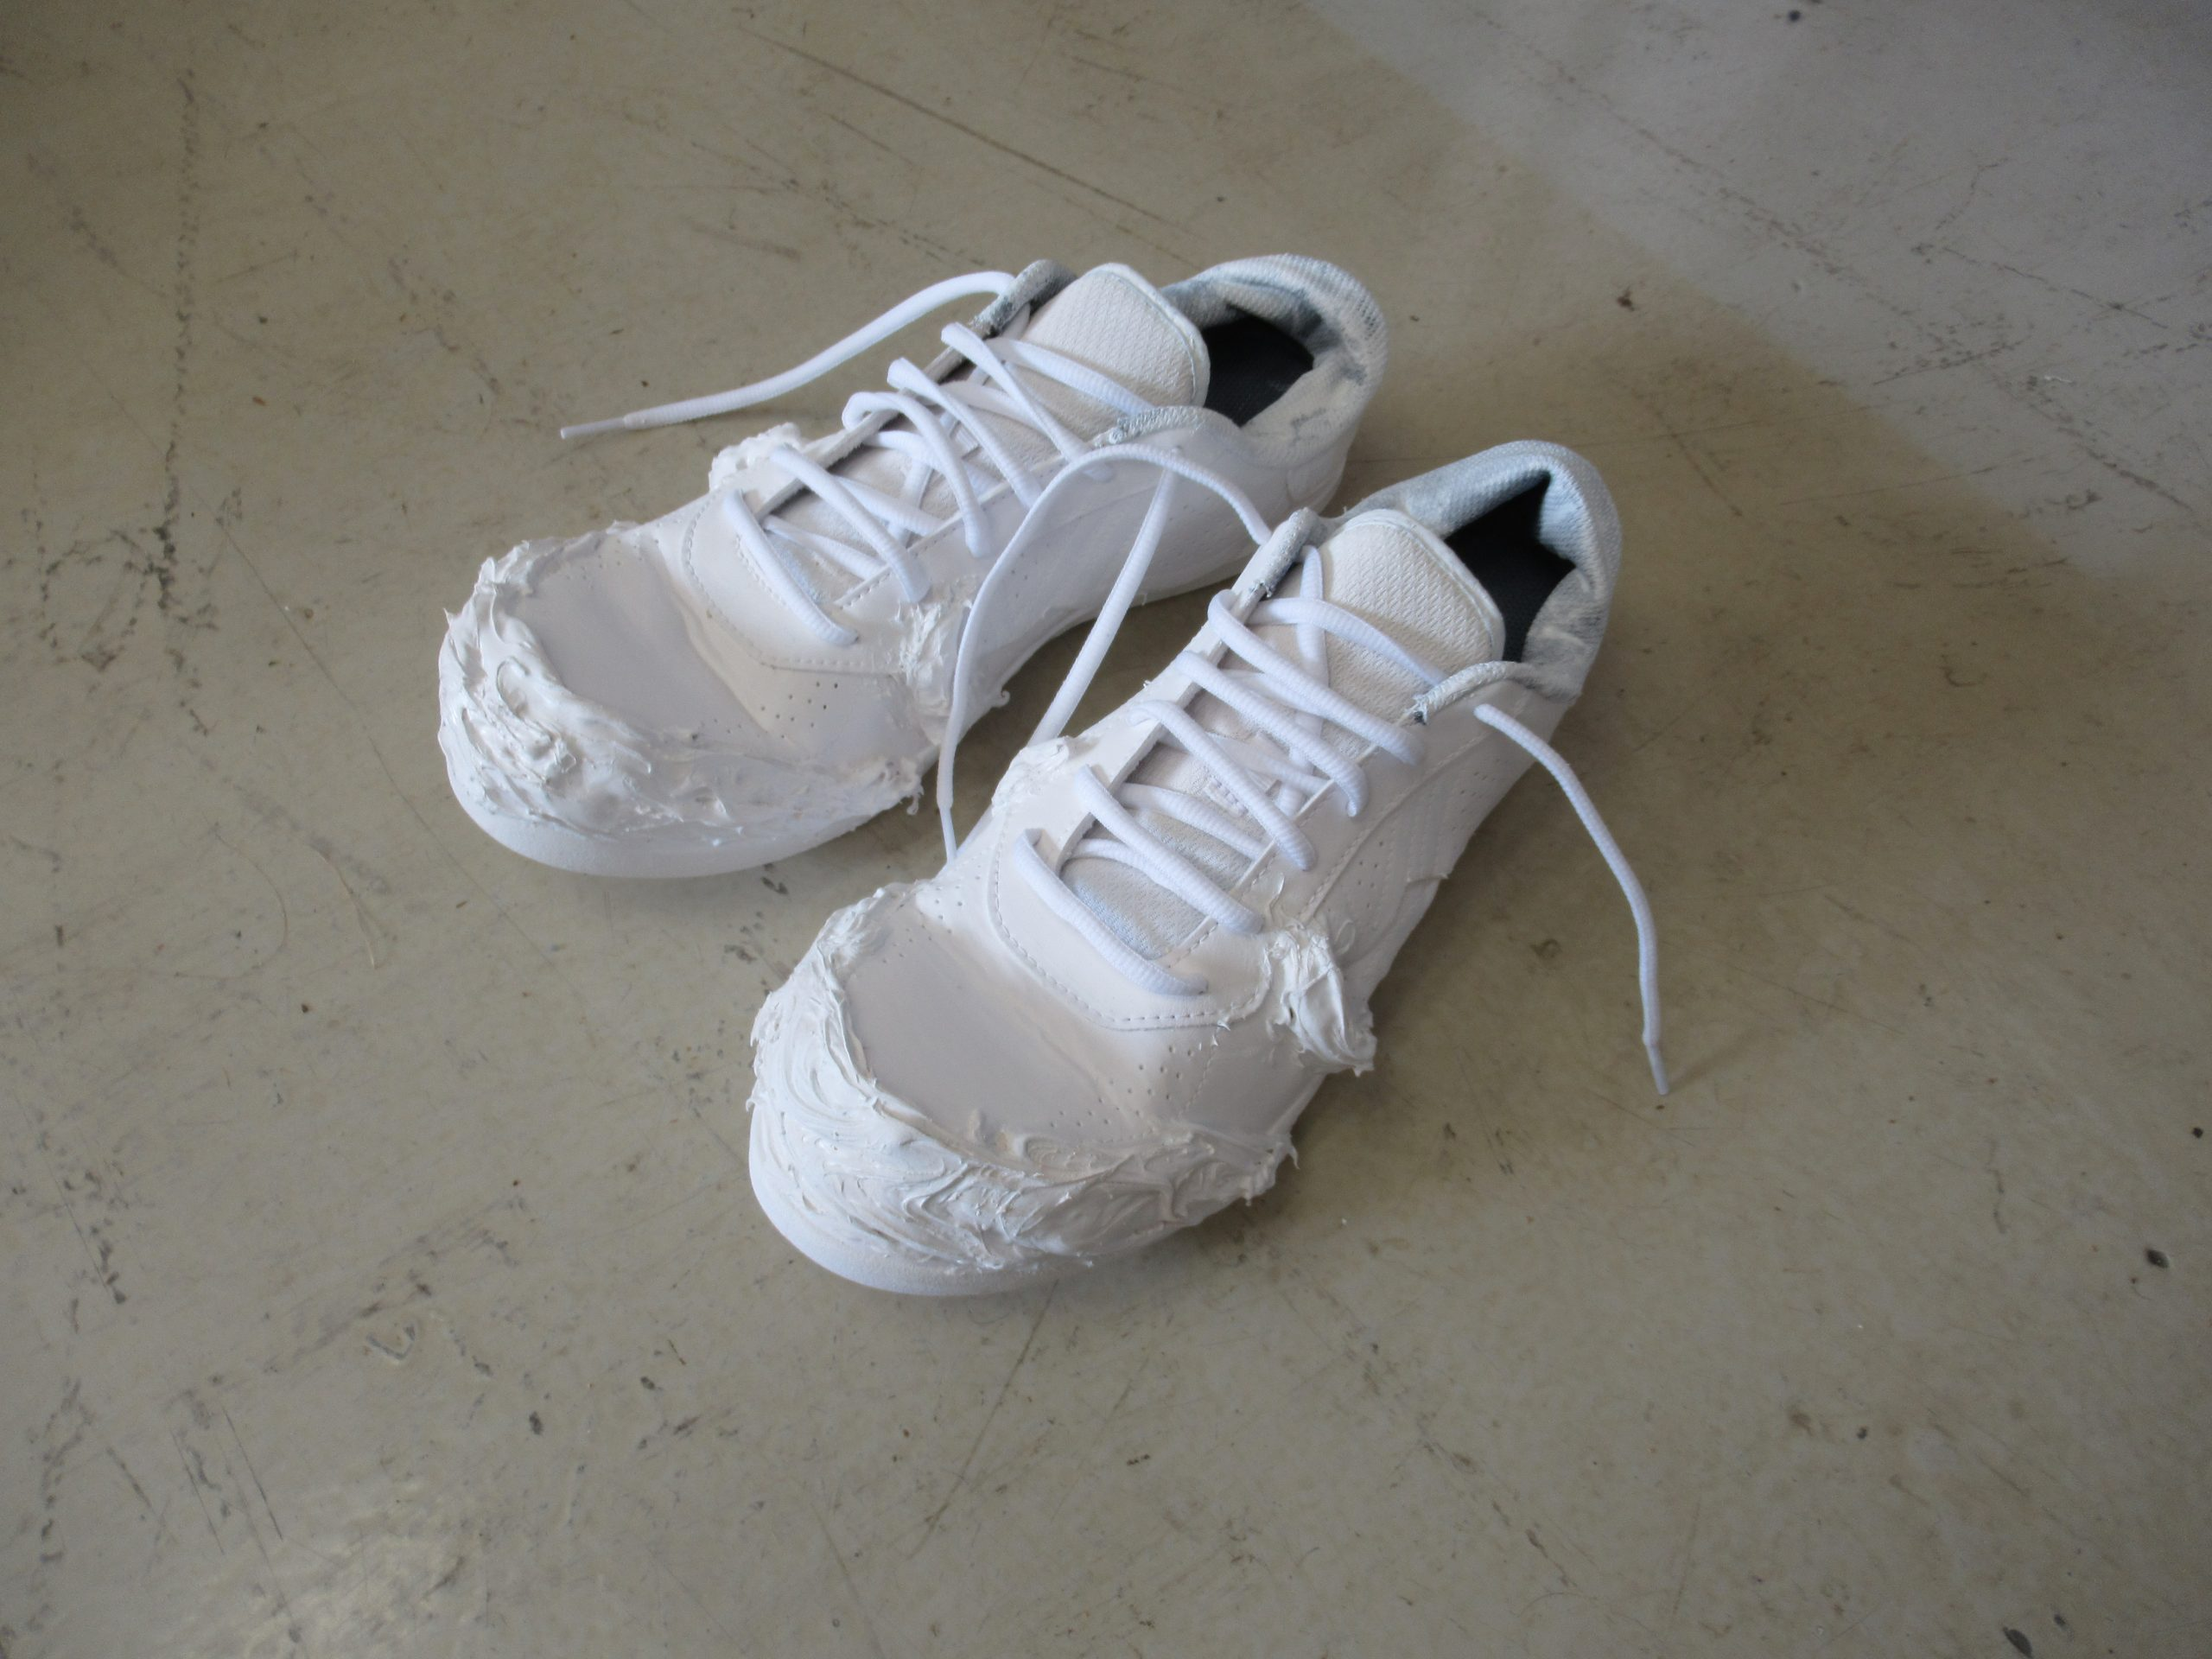 De Ubieta Calzado especulativo para Sample CM 5